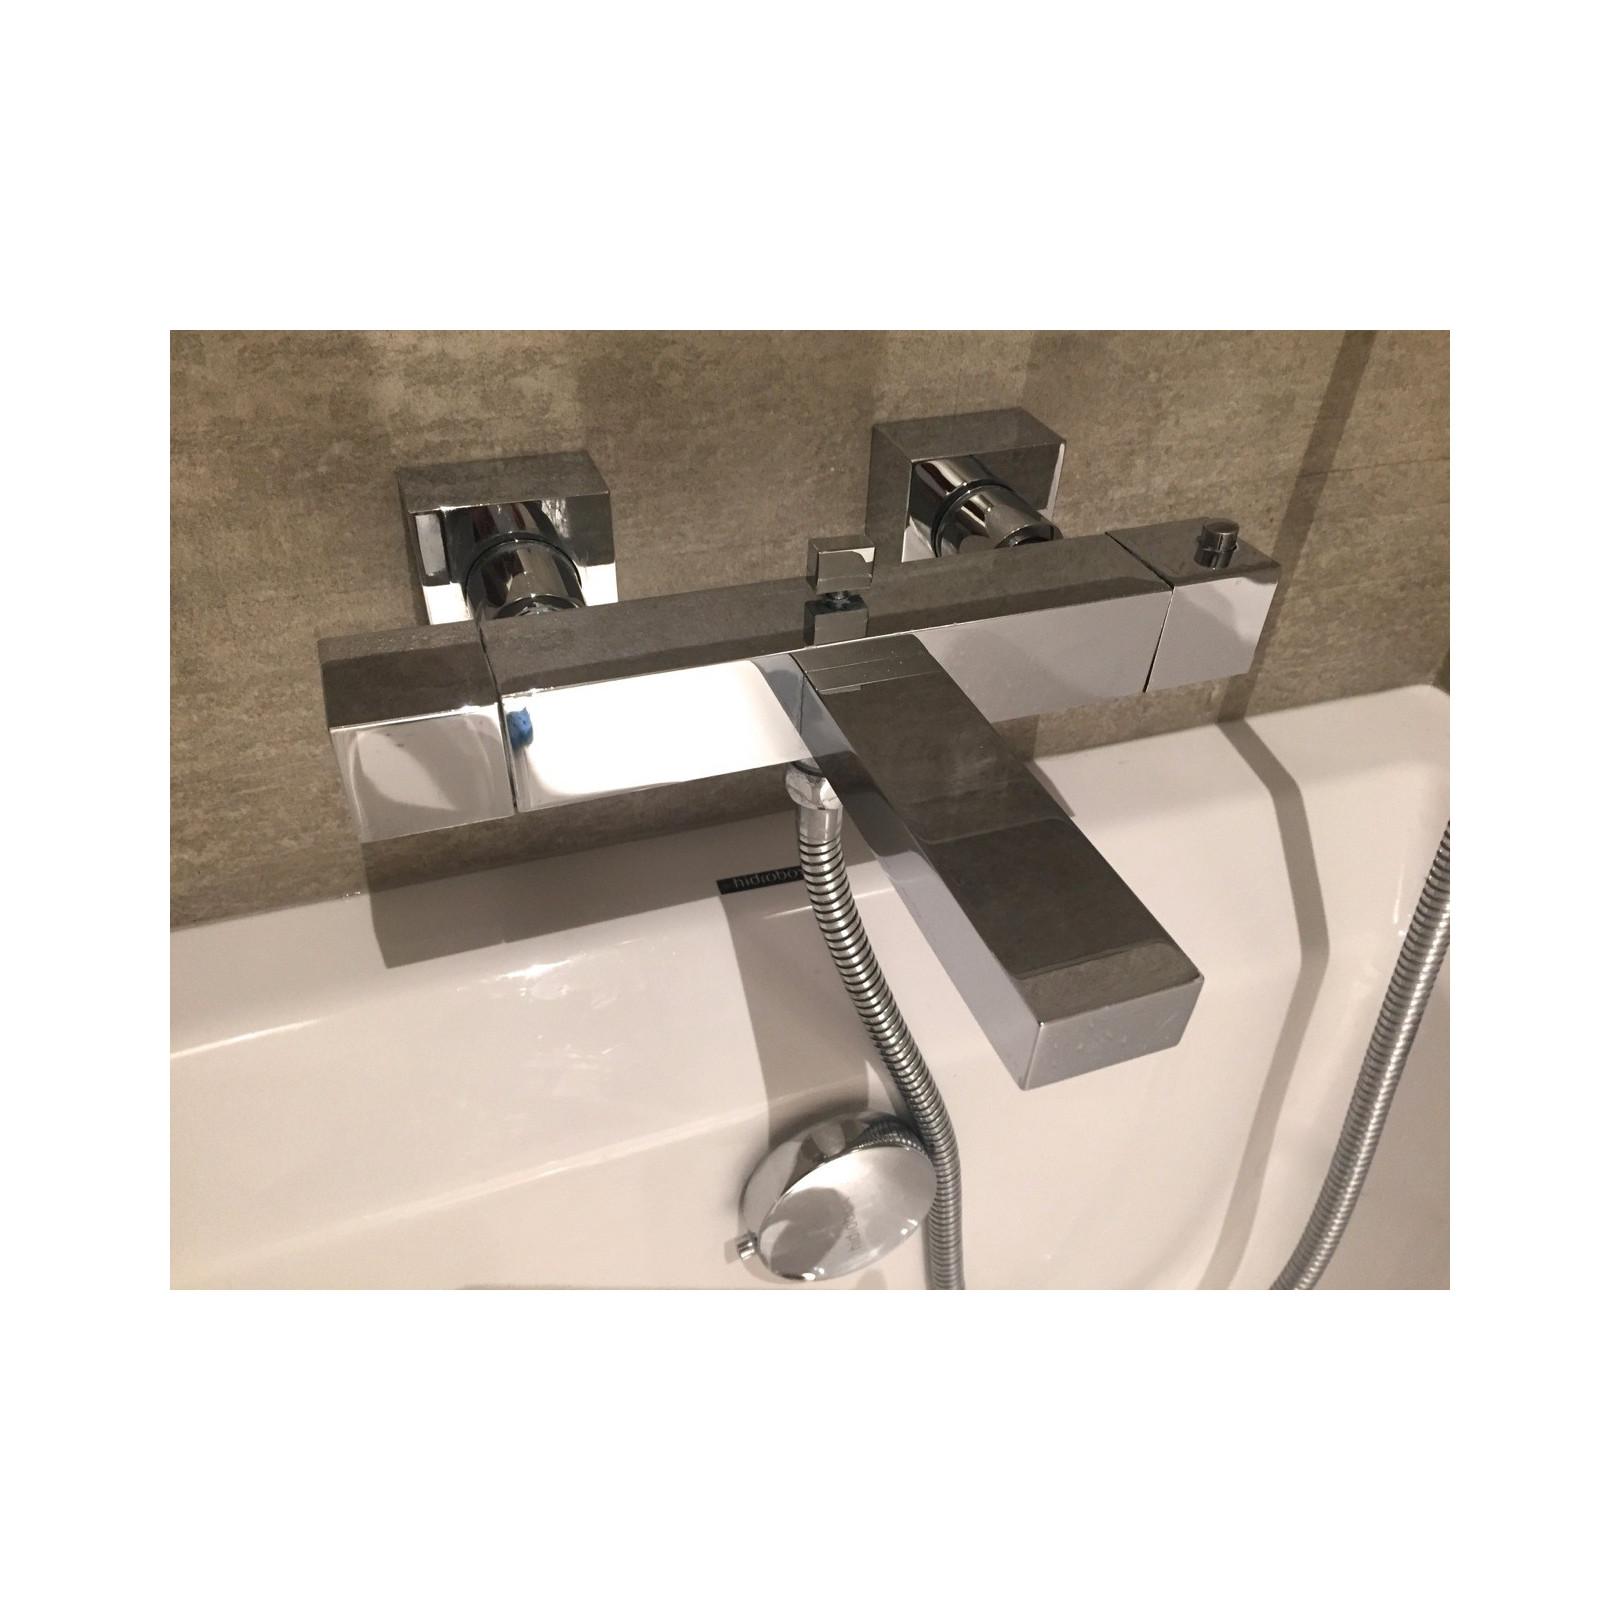 Robinet thermostatique inverseur baignoire 1603100 mural (non encastré) avec écoulement bain et sortie douchette, série160